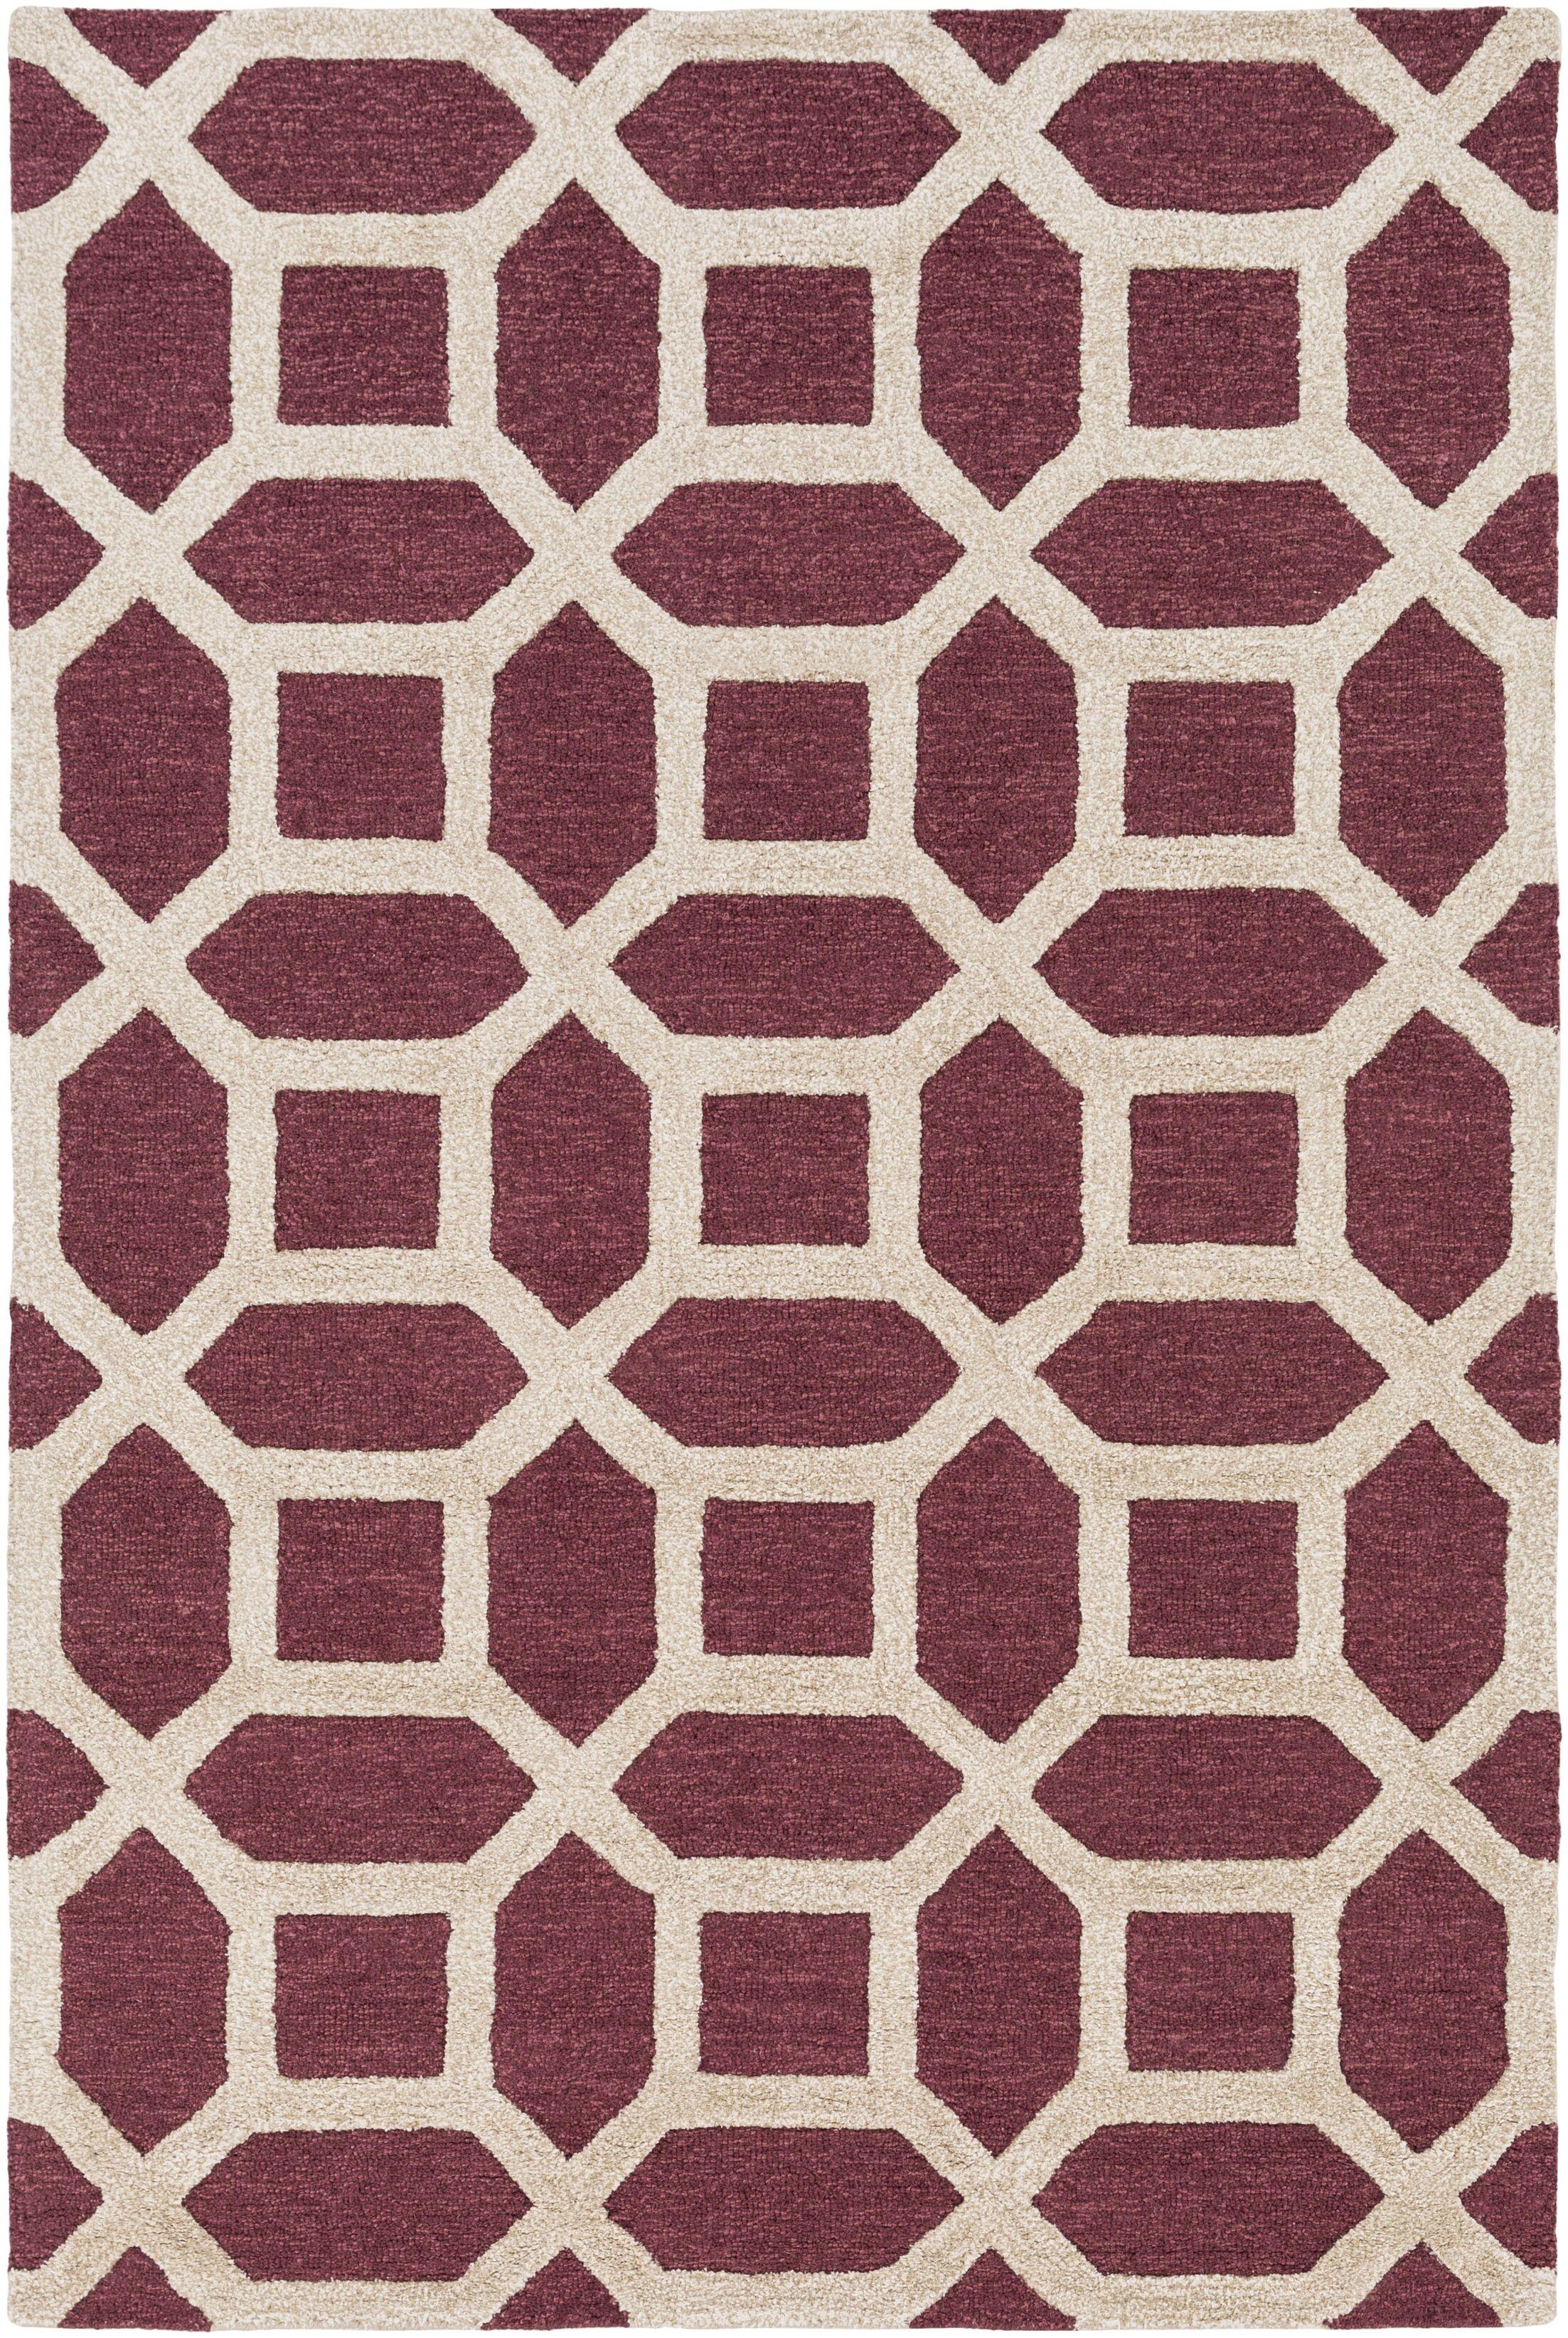 Wyble Hand-Tufted Maroon Area Rug Rug Size: Rectangle 8' x 11'